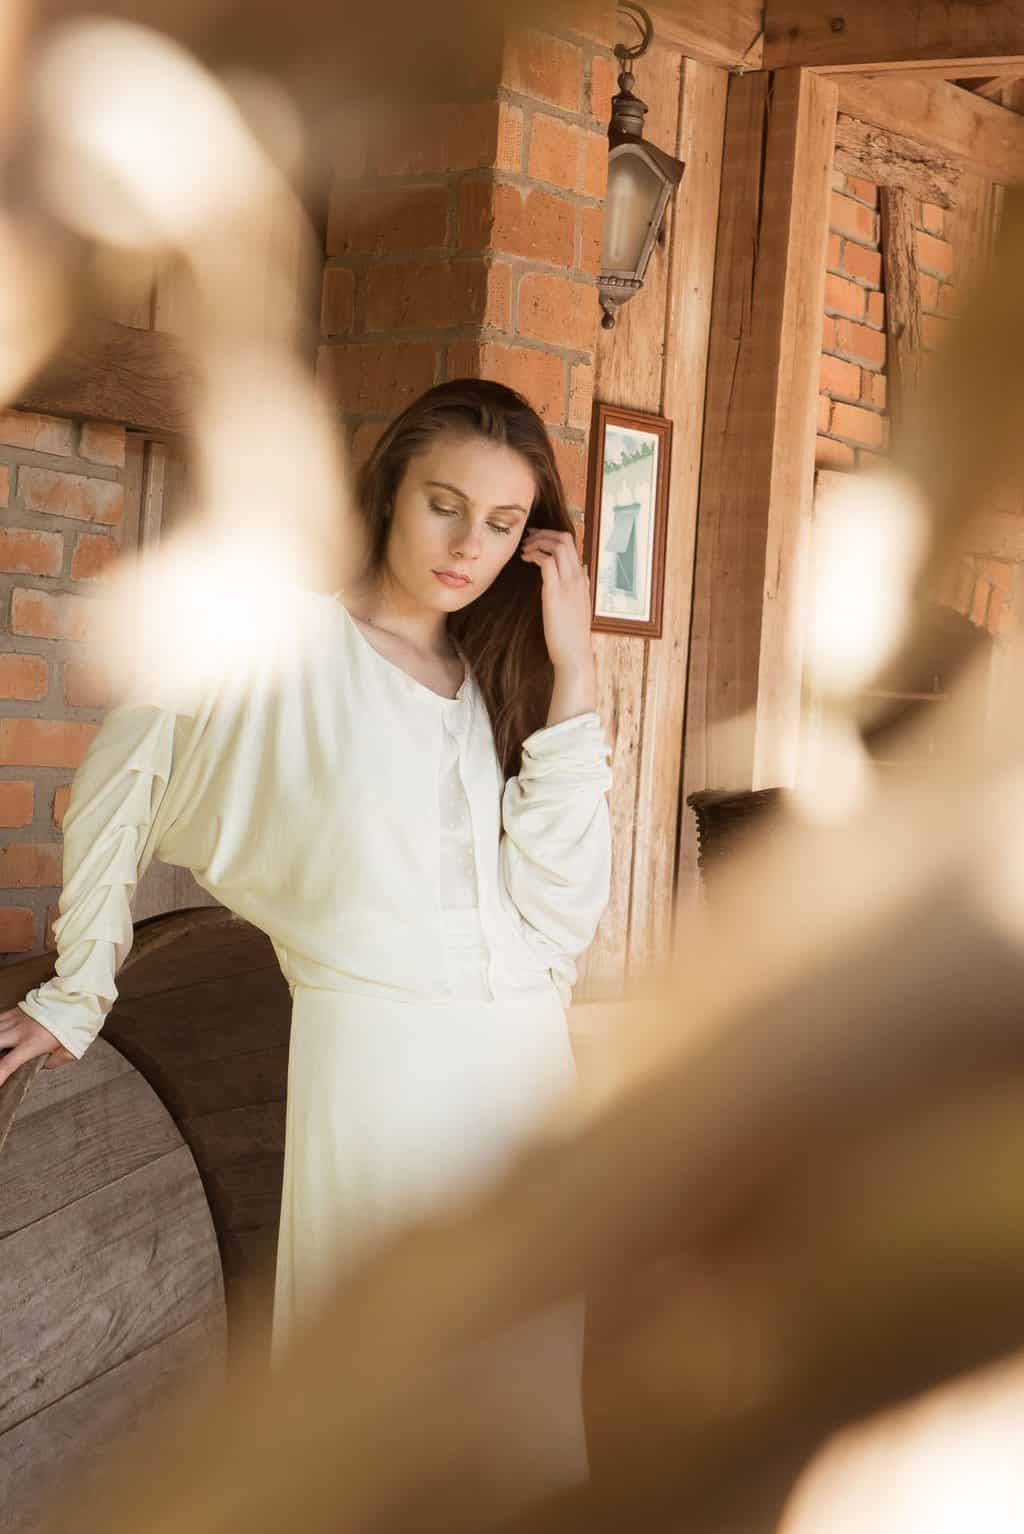 Pre-Wedding-Ensaio-Vinicula_DSC_6771Ensaio-fotográfico-Marina-Fava-Poses-CaseMe1282-x-1920